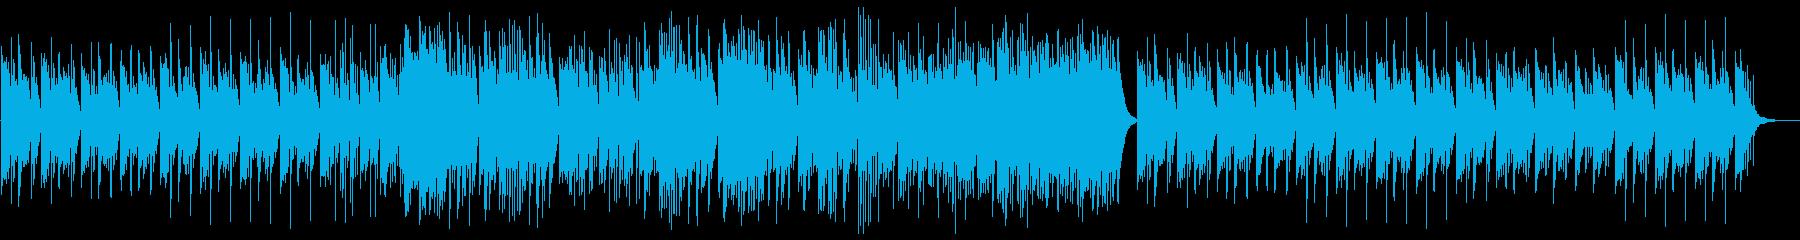 ピアノによる落ち着きのあるバラードの再生済みの波形